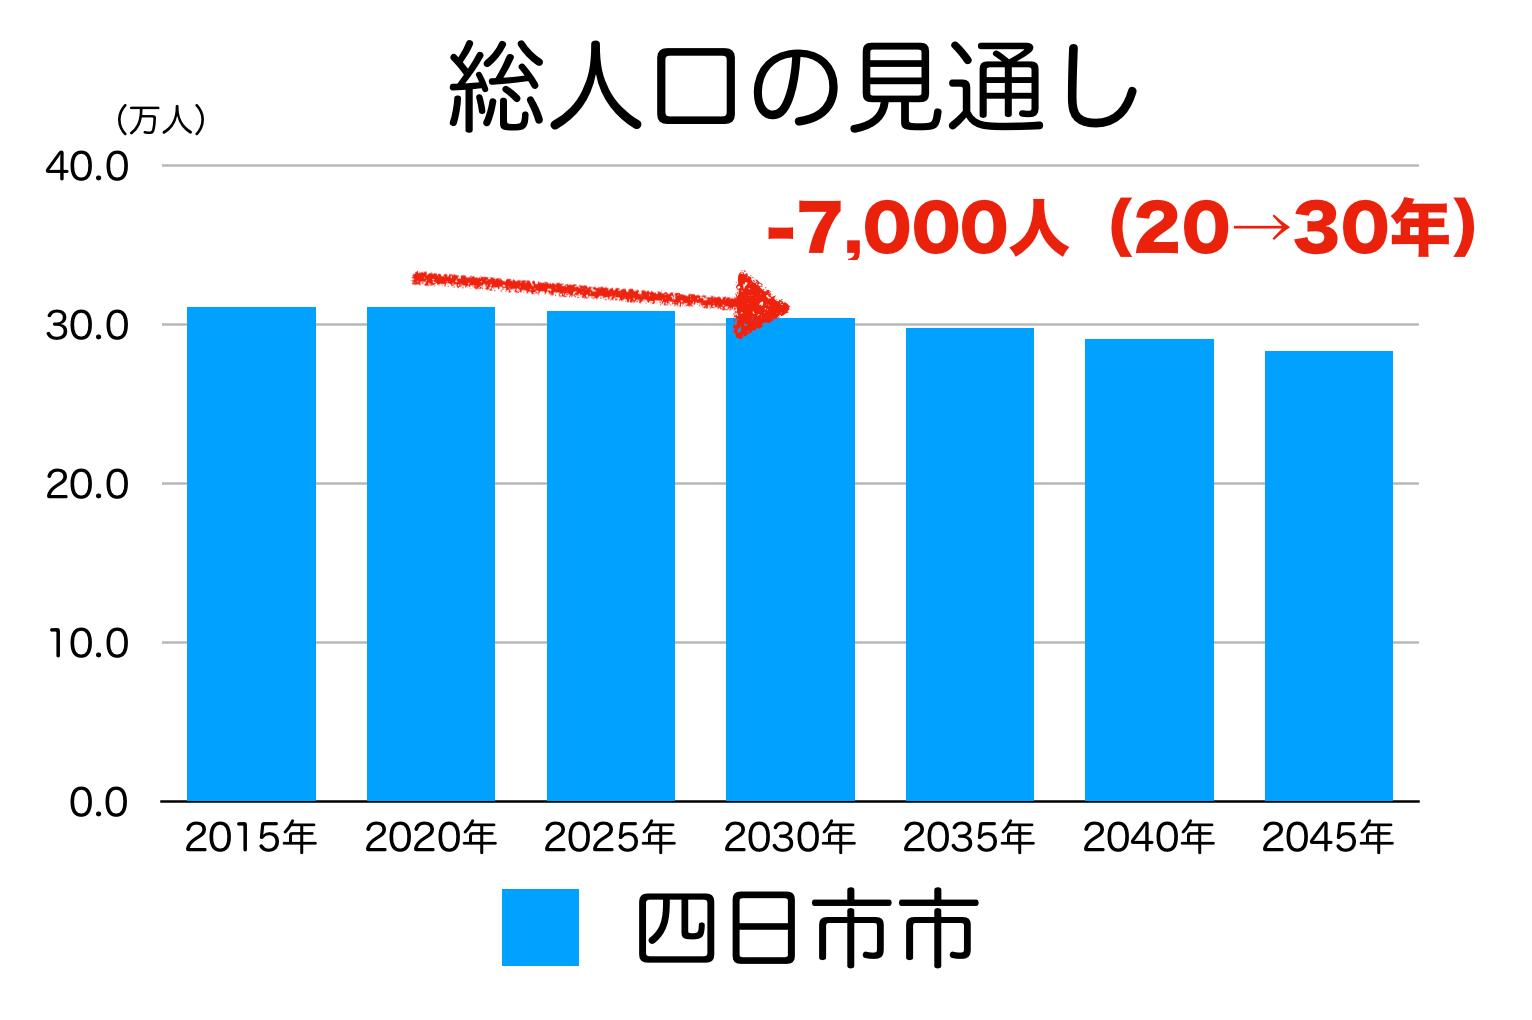 四日市市の人口予測